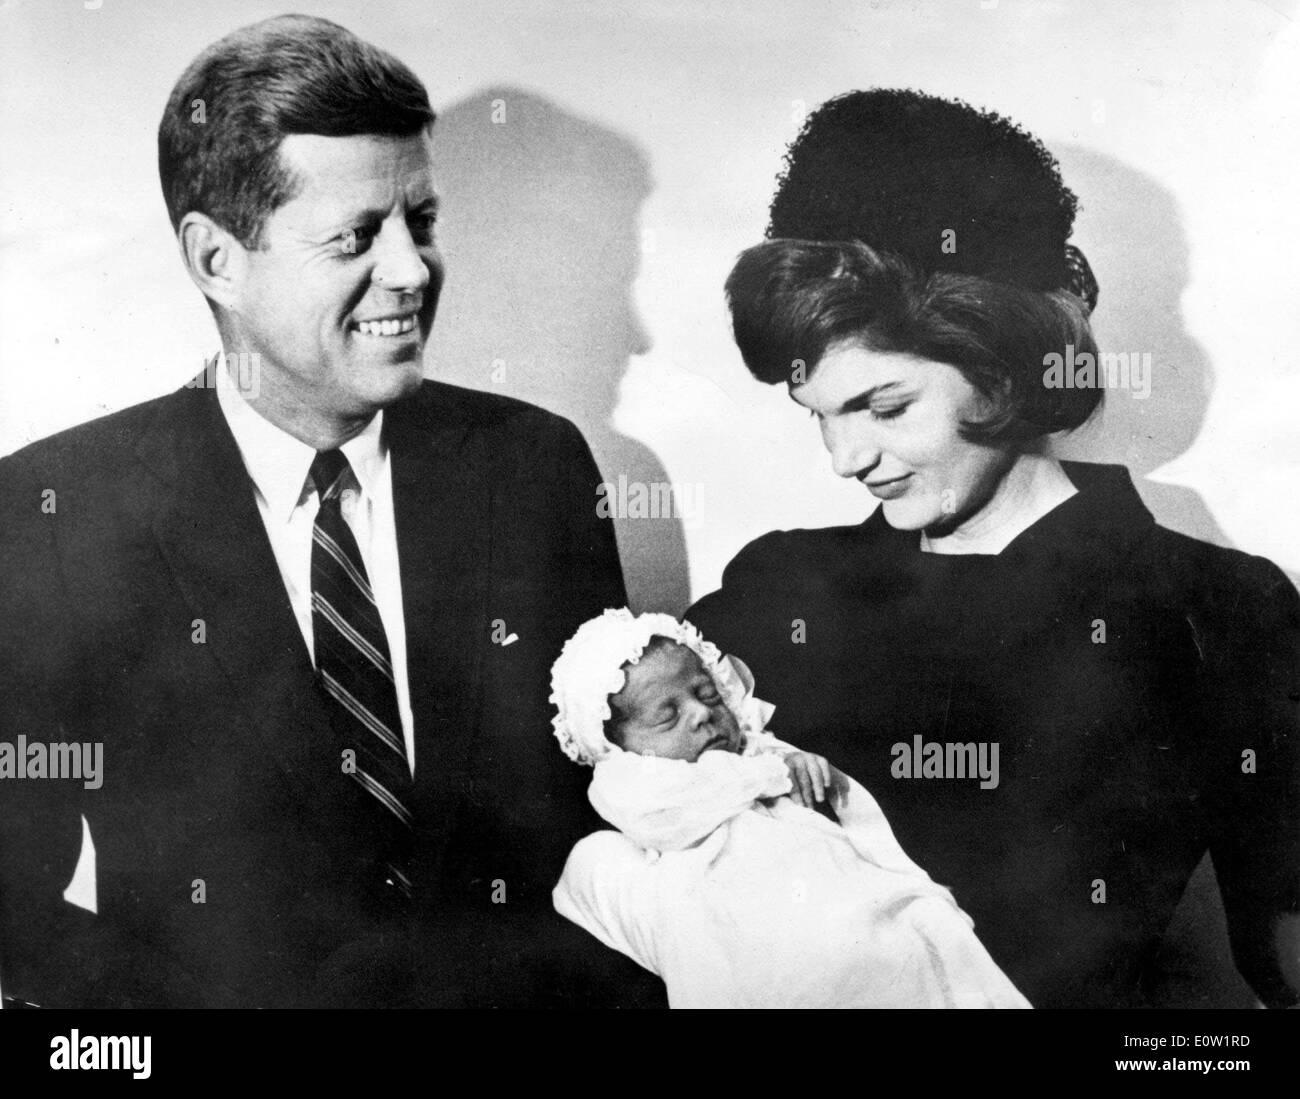 Präsident Kennedy und Jackie nach Sohnes Taufe Stockfoto